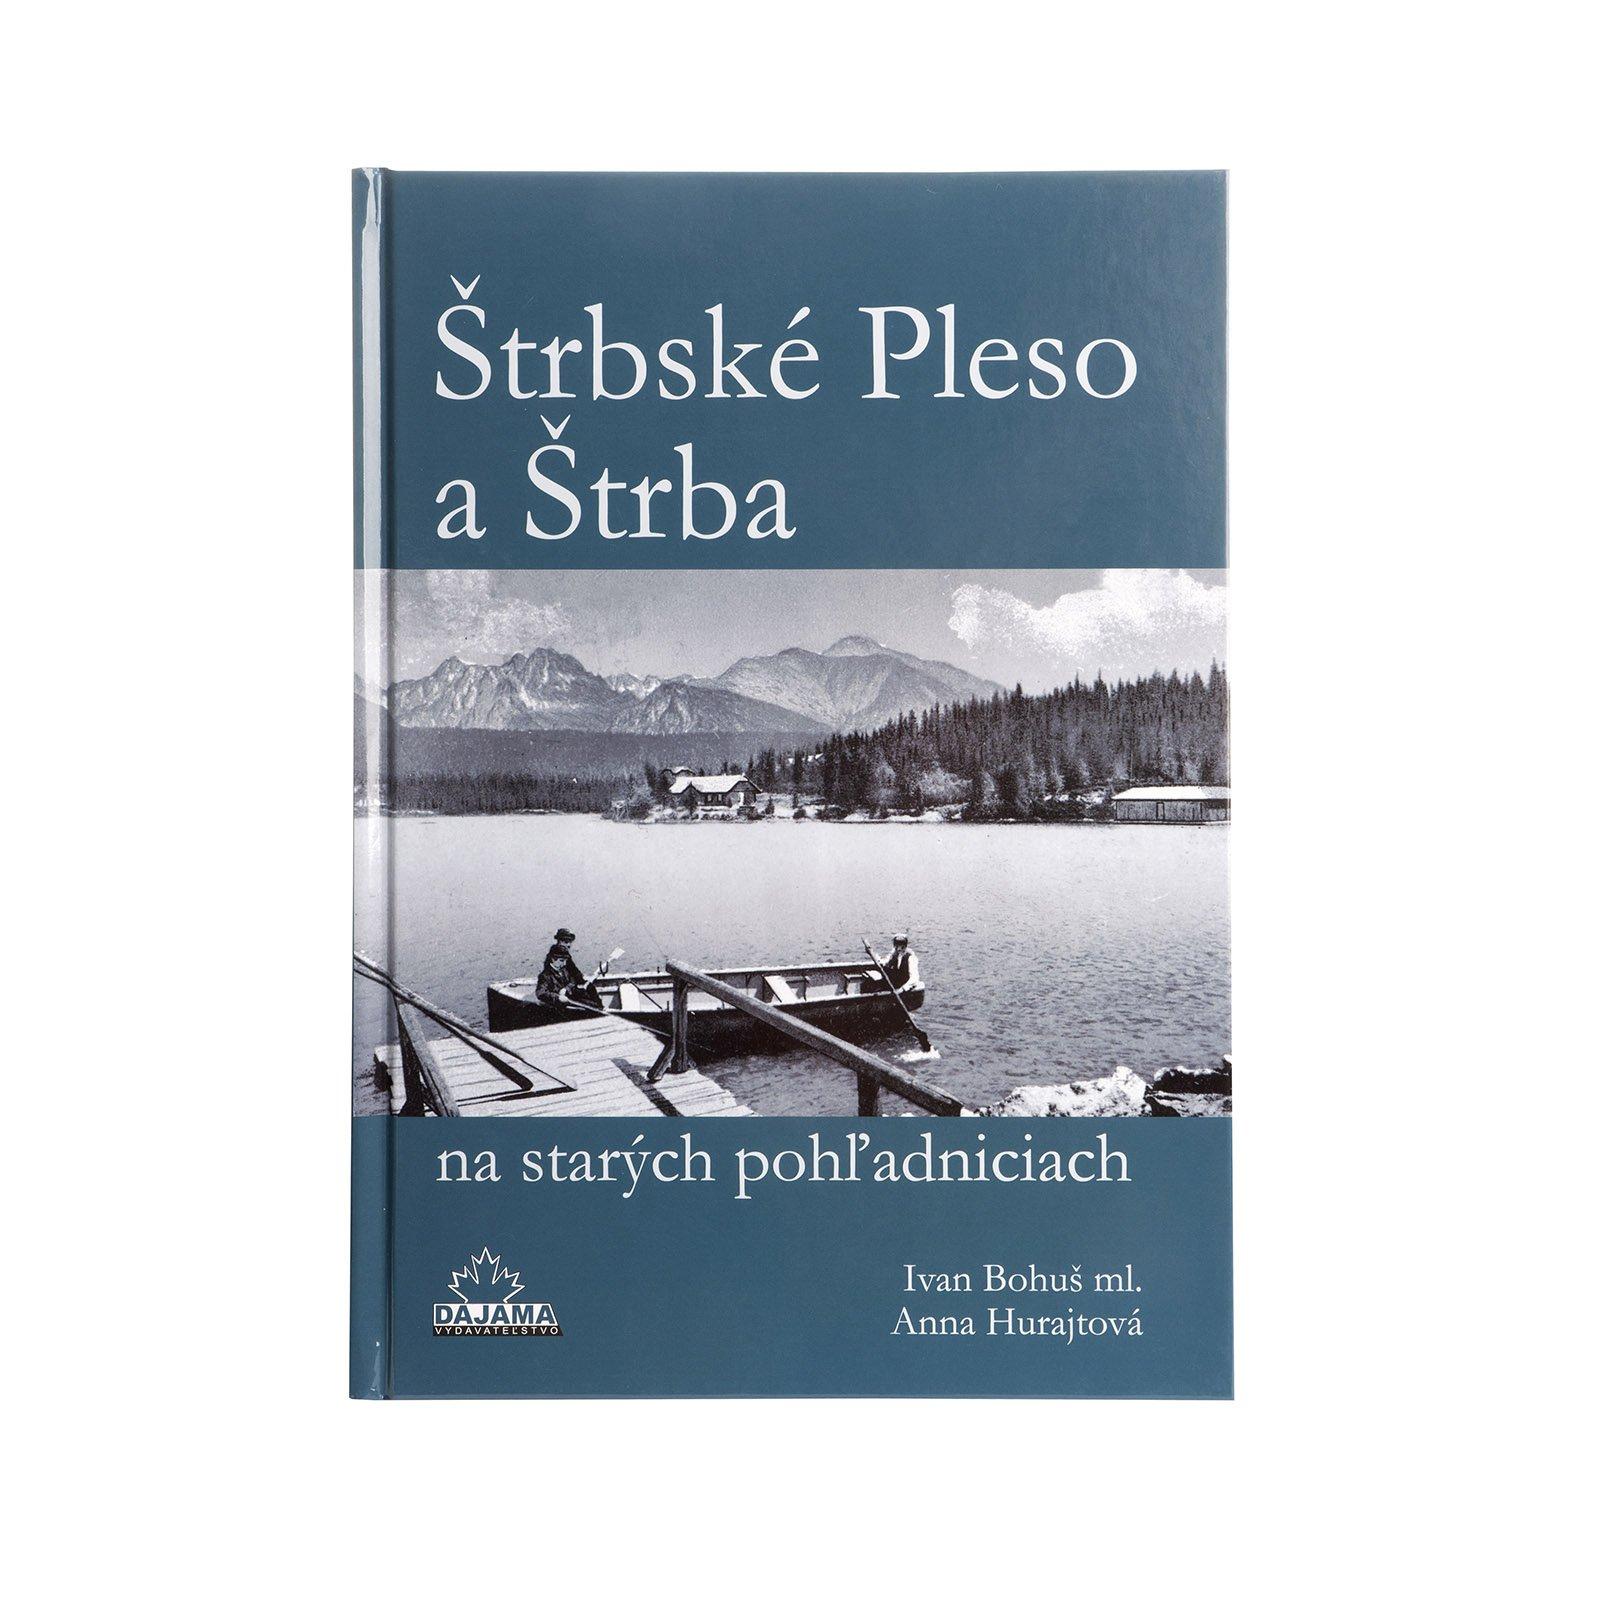 Štrbské Pleso and Štrba on Old Picture Postcards (Štrbské Pleso a Štrba na starých pohľadniciach)